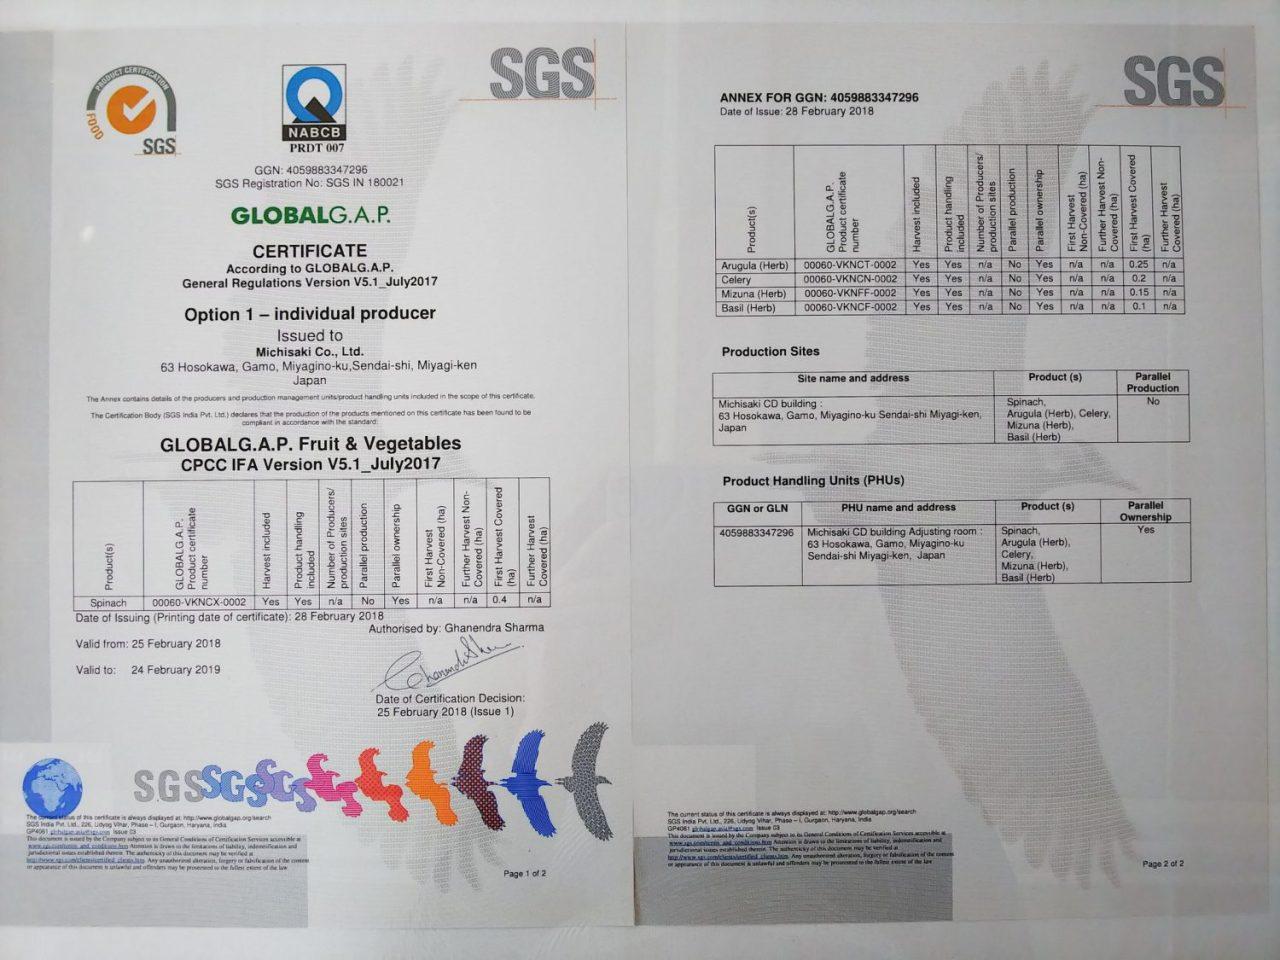 「株式会社みちさき」にて「GLOBAL G.A.P.」の認証を取得